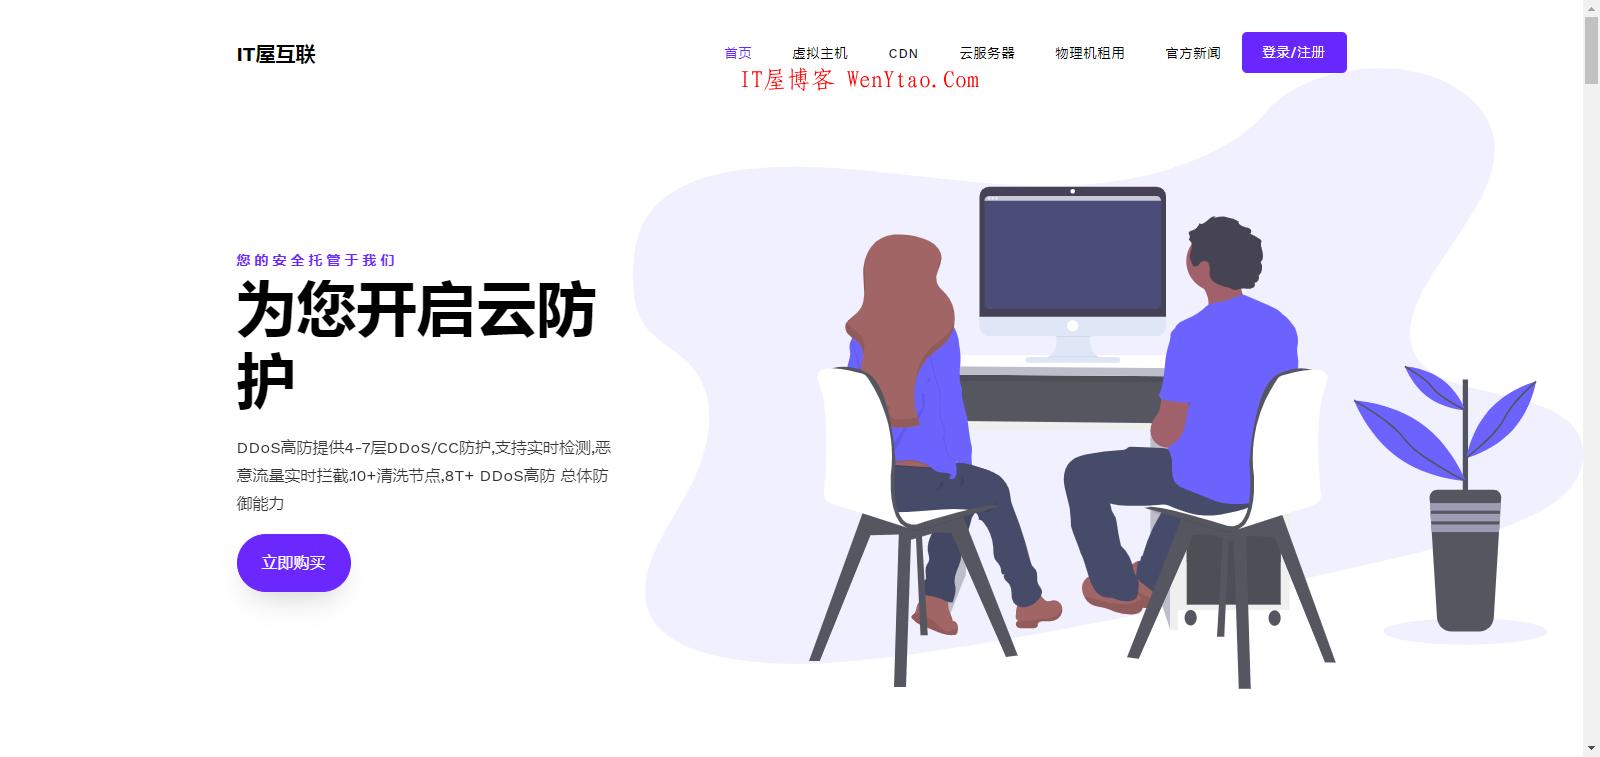 雪花开发者中心地府云自适应1号模板 雪花xueidc插件